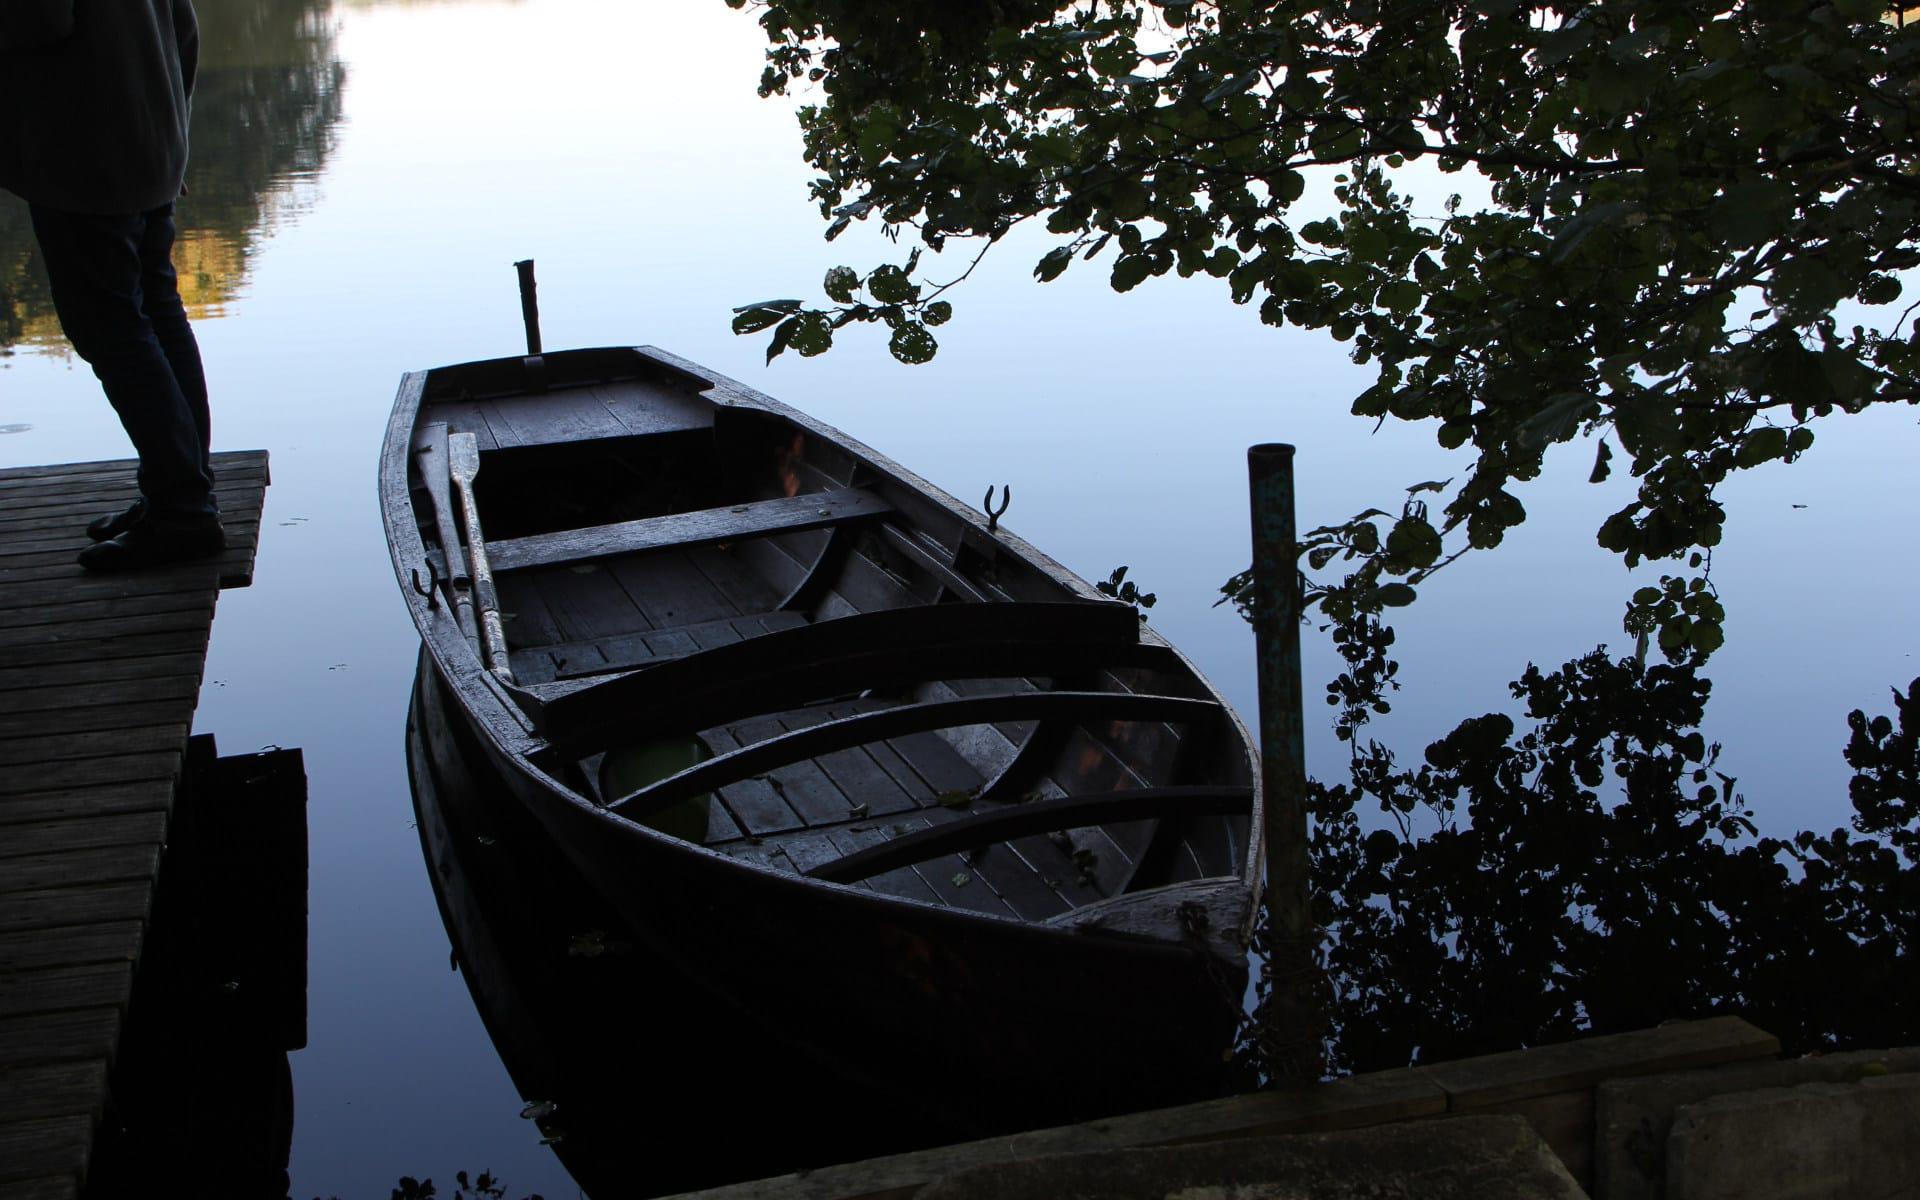 Kunsttour Stechlin - Ein Boot im Dagowsee am Steg